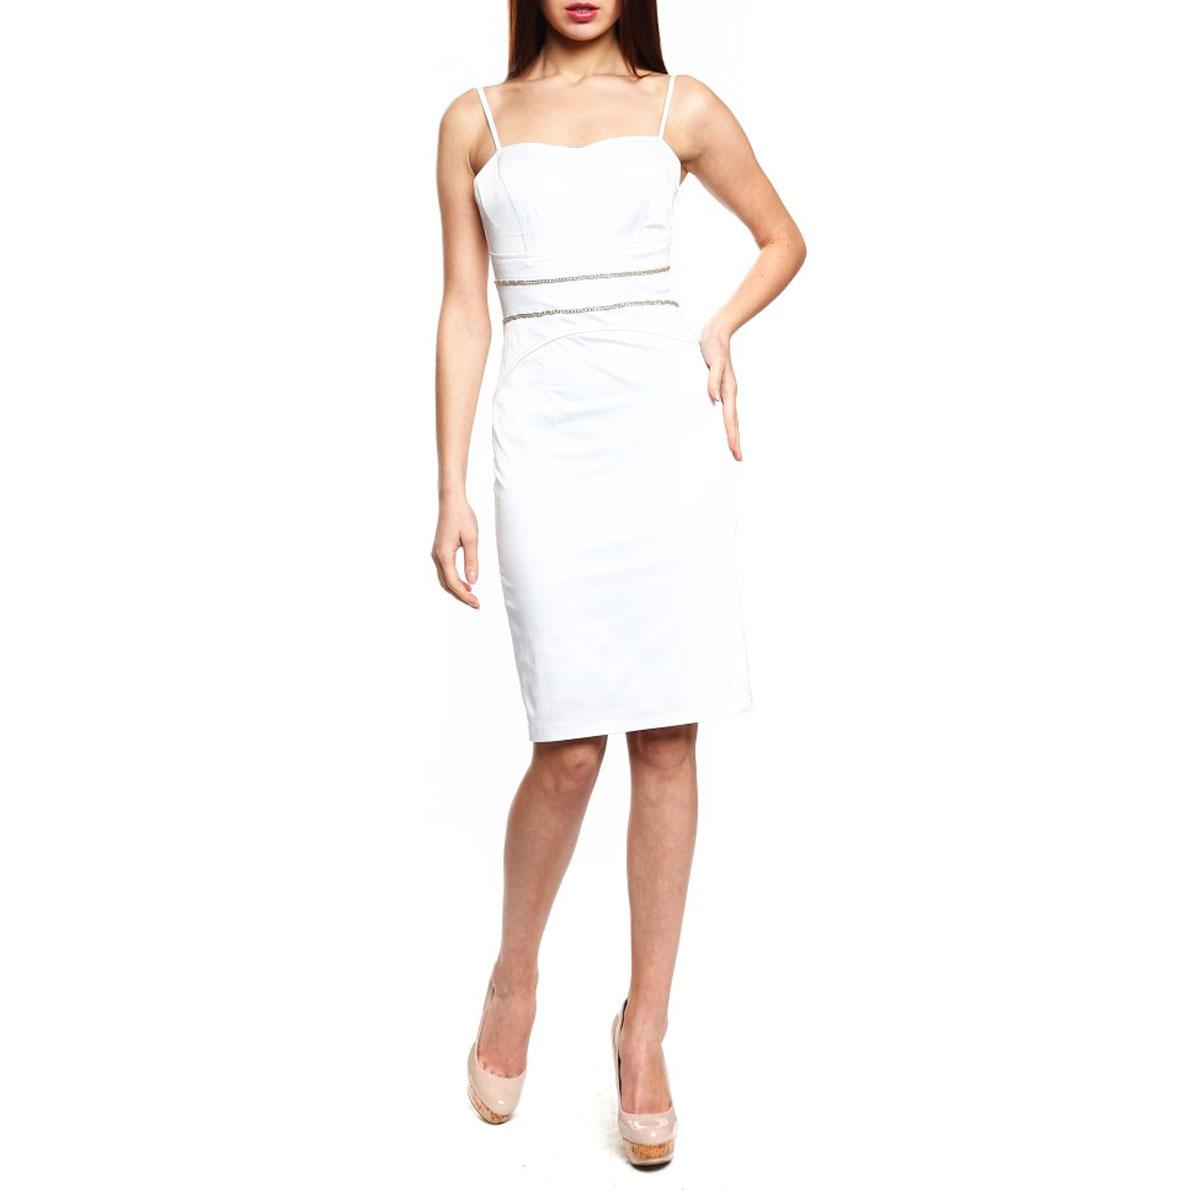 Платье. 59393-141207T59393-141207TСтрогое, но одновременно игривое платье Topsandtops, выполненное из высококачественного материала - хлопка и полиэстера, будет отлично смотреться на вас. Модель облегающего кроя, с тонкими регулируемыми бретелями и необычным вырезом на спине застегивается сбоку на потайную застежку-молнию. Уплотненный лиф с поддерживающими чашечками для ношения без бюстгальтера. Спереди изделие украшено декоративной металлической цепочкой. Это платье отличный вариант для вашего гардероба. Идеальный вариант для создания эффектного образа.